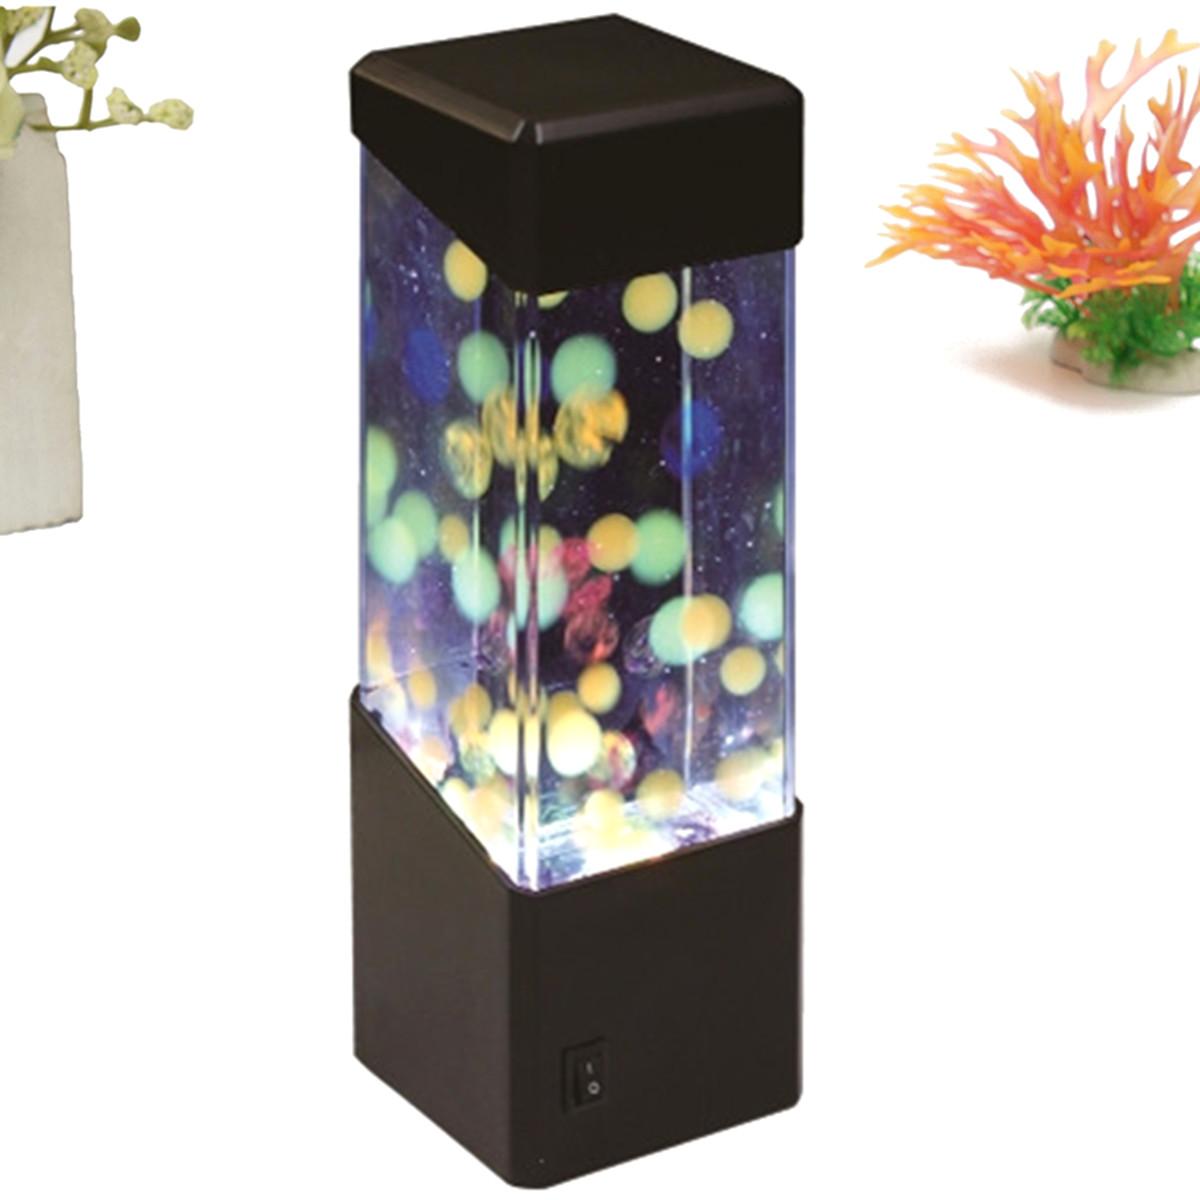 Led aquarium poisson d coration lampe veilleuse design for Achat aquarium design